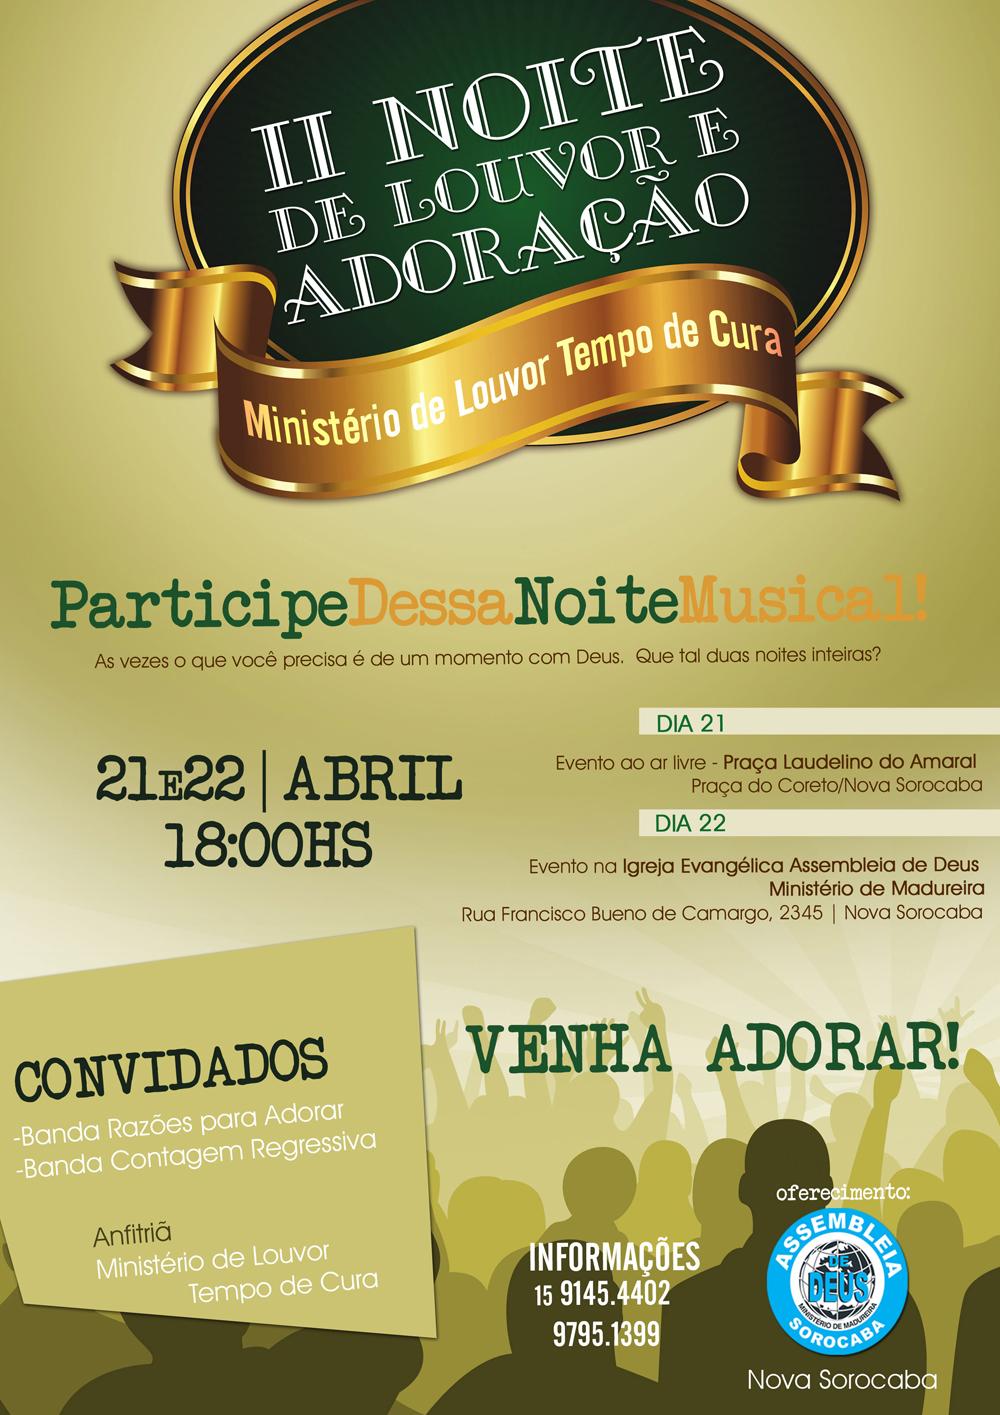 Jovens Ibieden Sorocabasp Convite Evento Louvor E Adoração